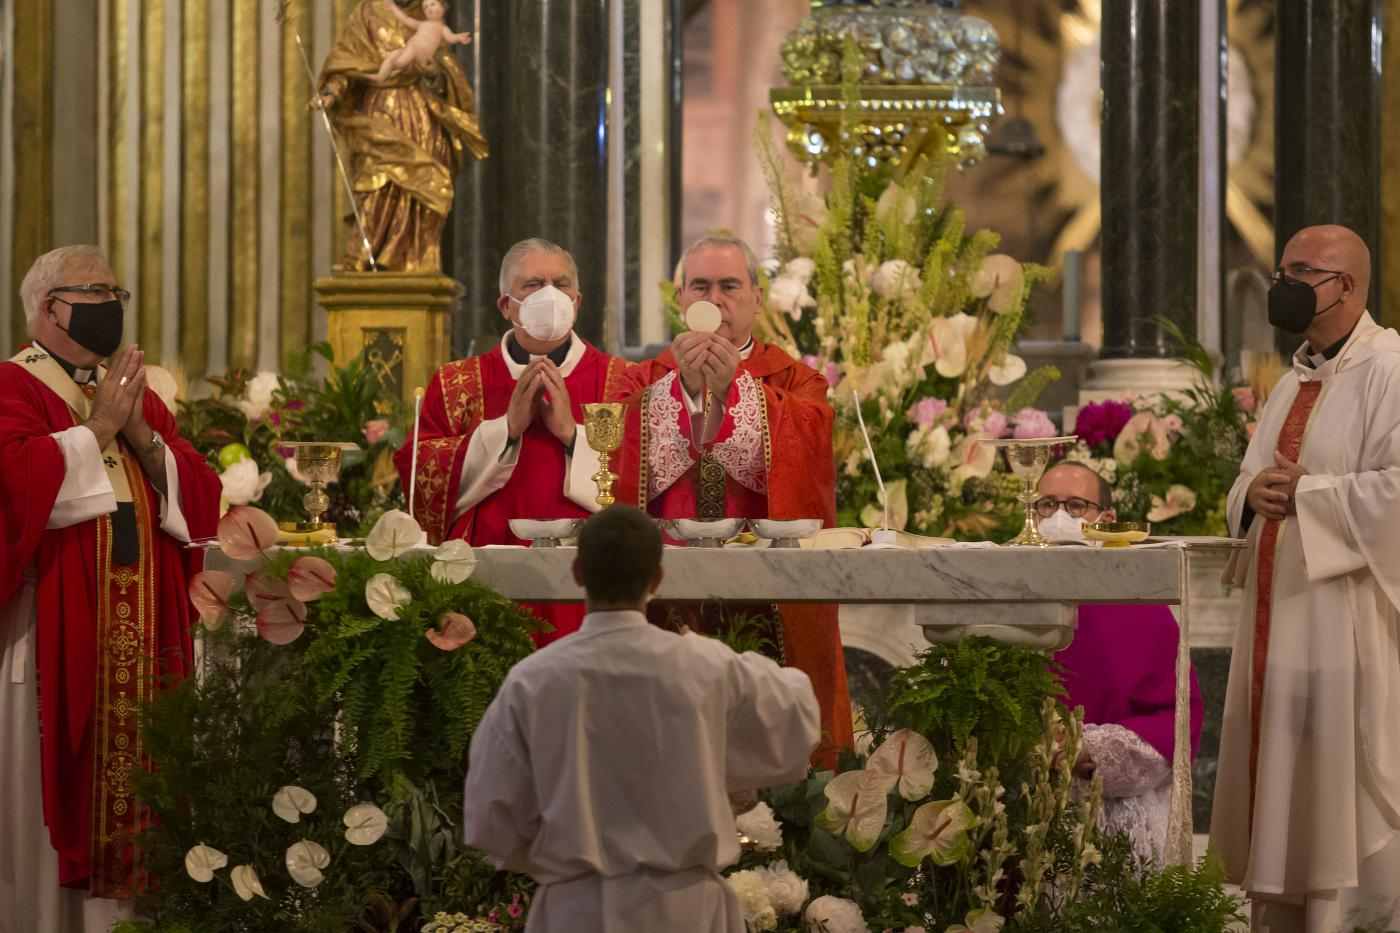 Solemne Eucaristía con motivo del 25 aniversario de la ordenación episcopal de D. Jesús Catalá // A. CABRERA